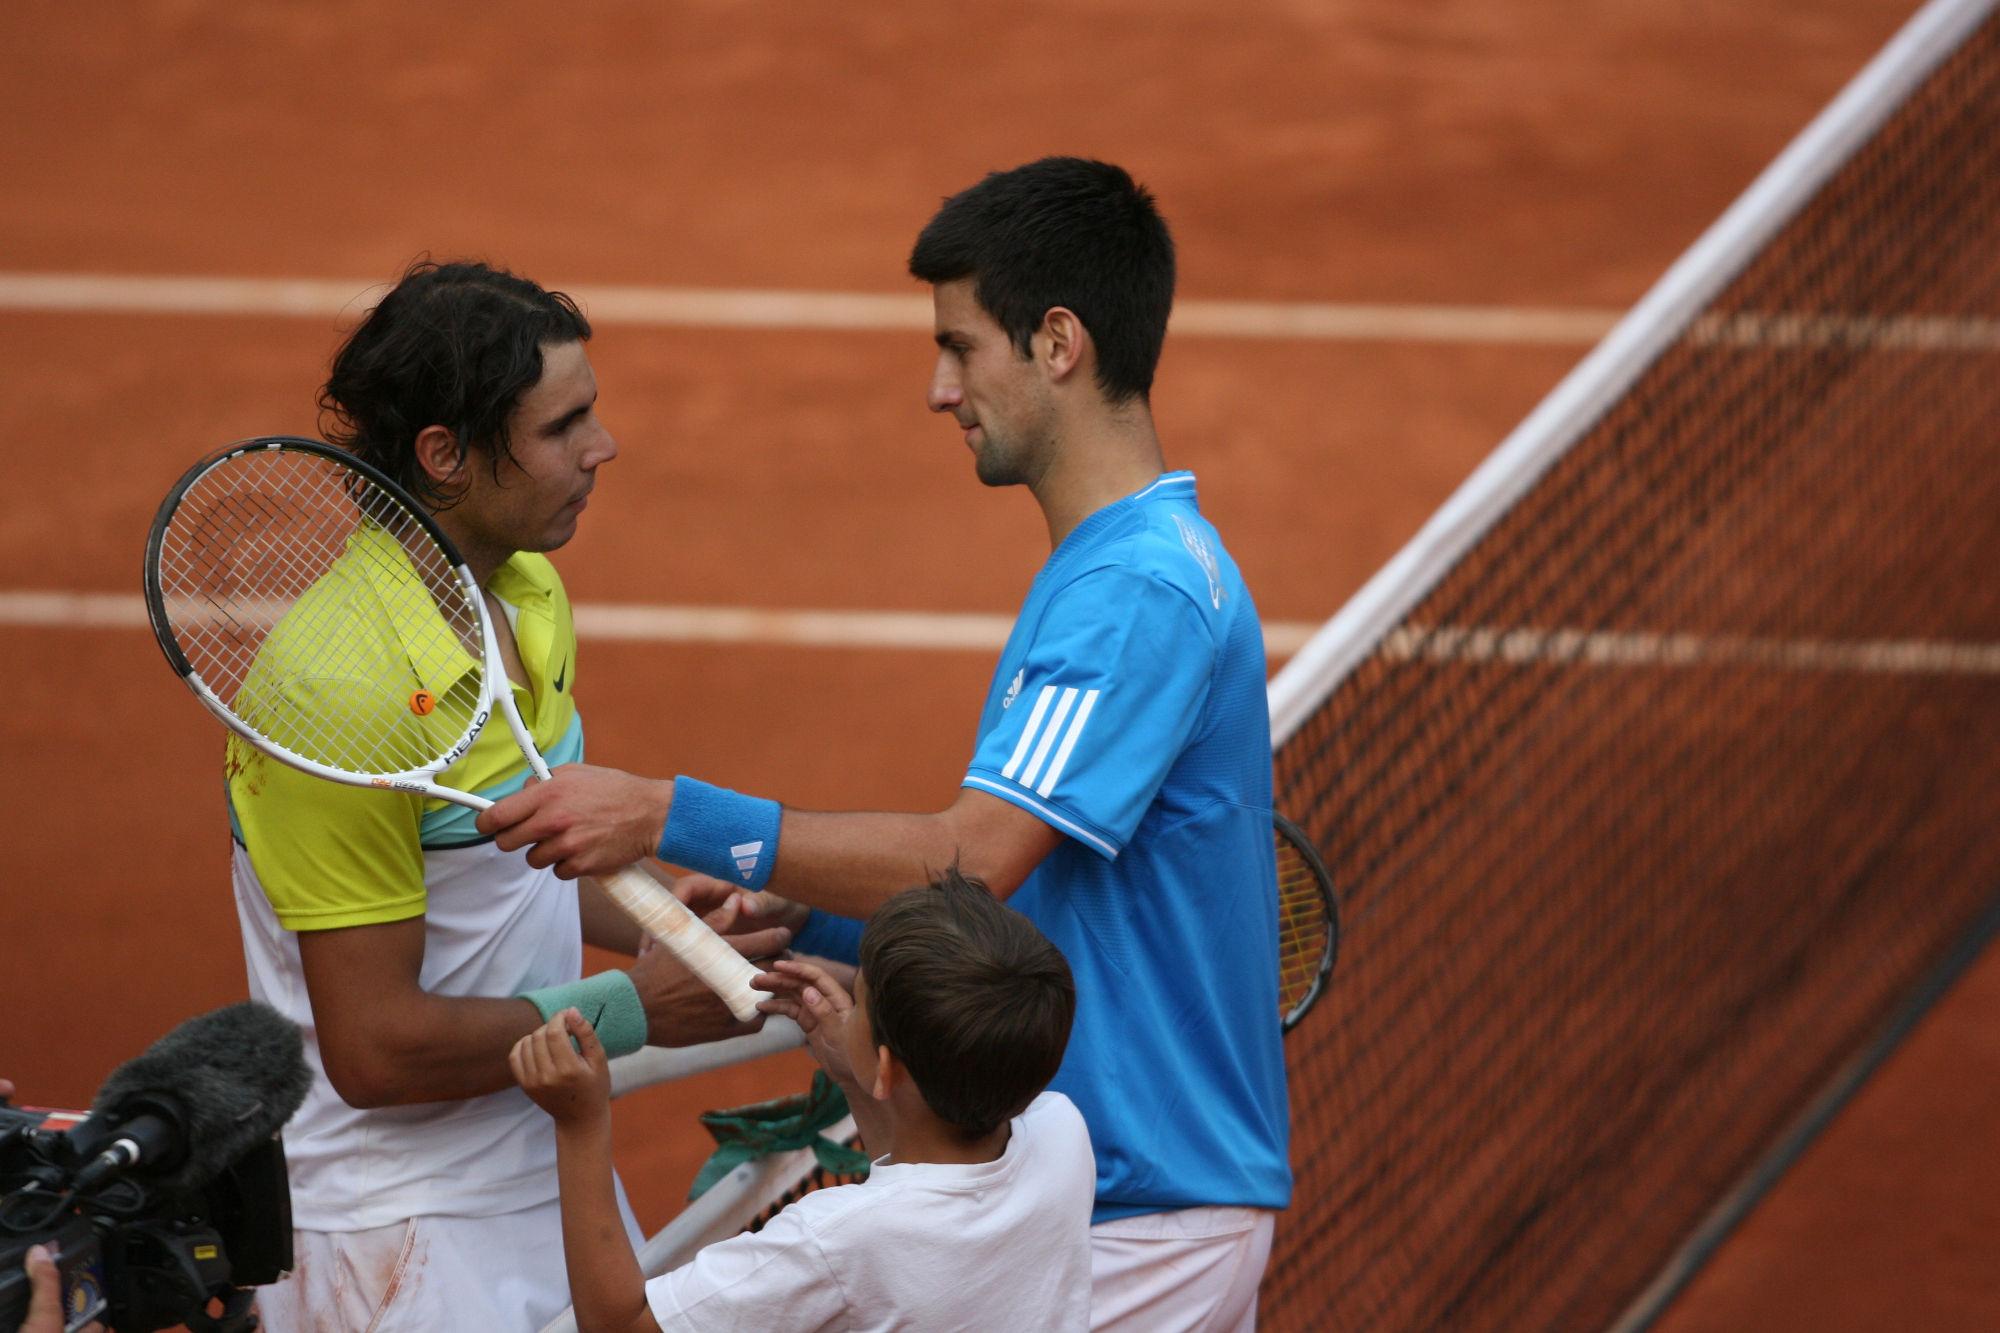 The Best Nadal Vs Djokovic On Clay